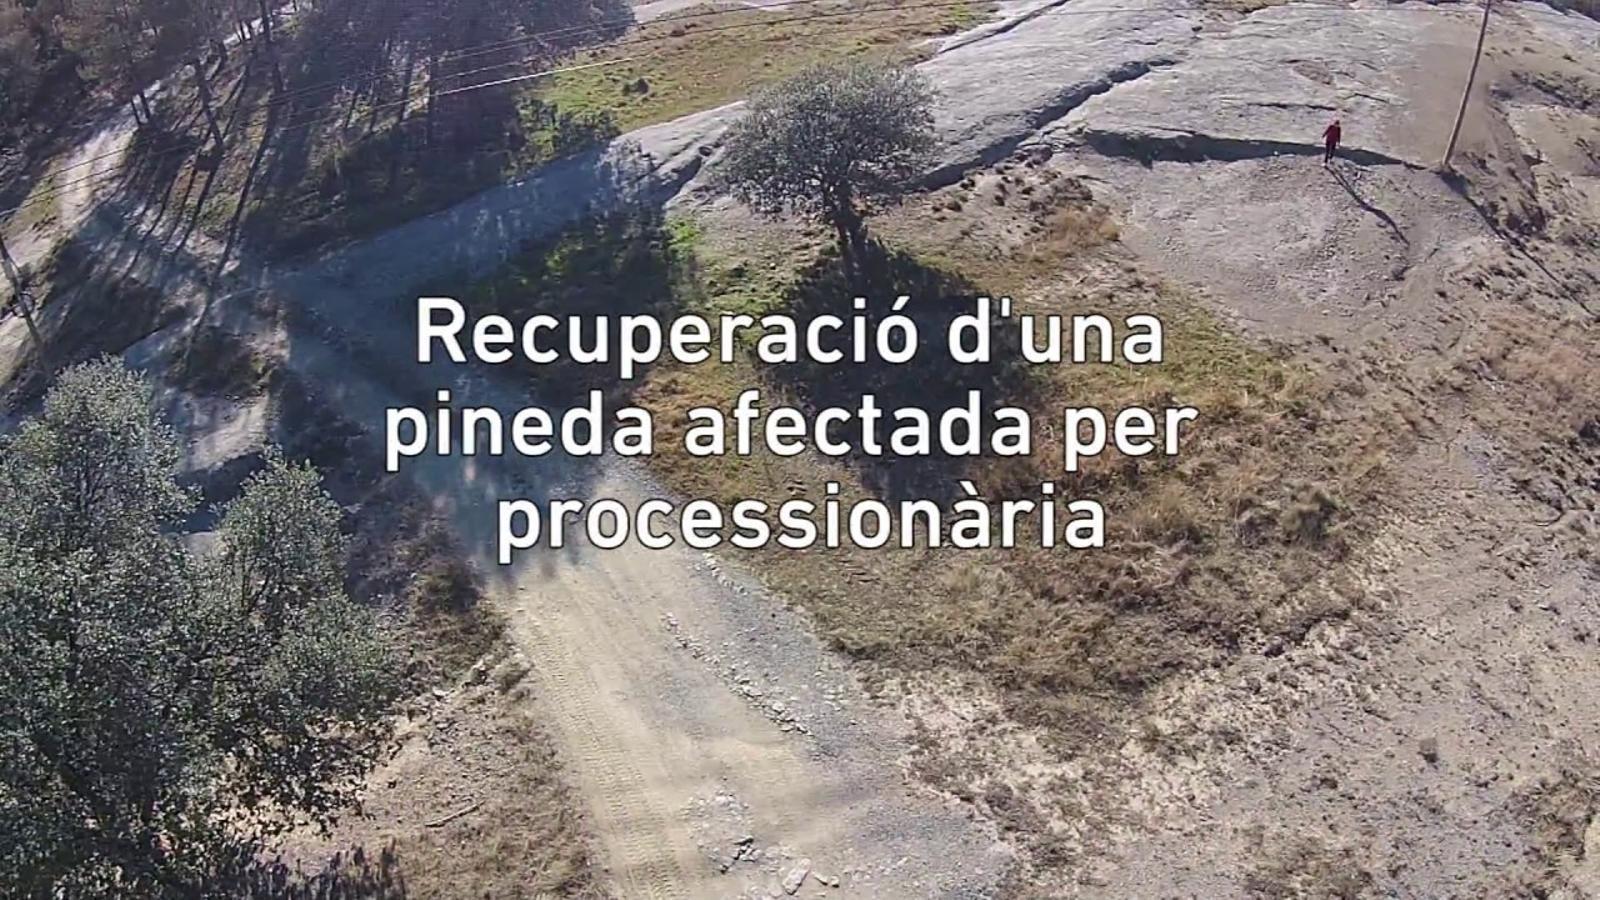 L'abans i el després d'un bosc afectat per processionària a vista de dron